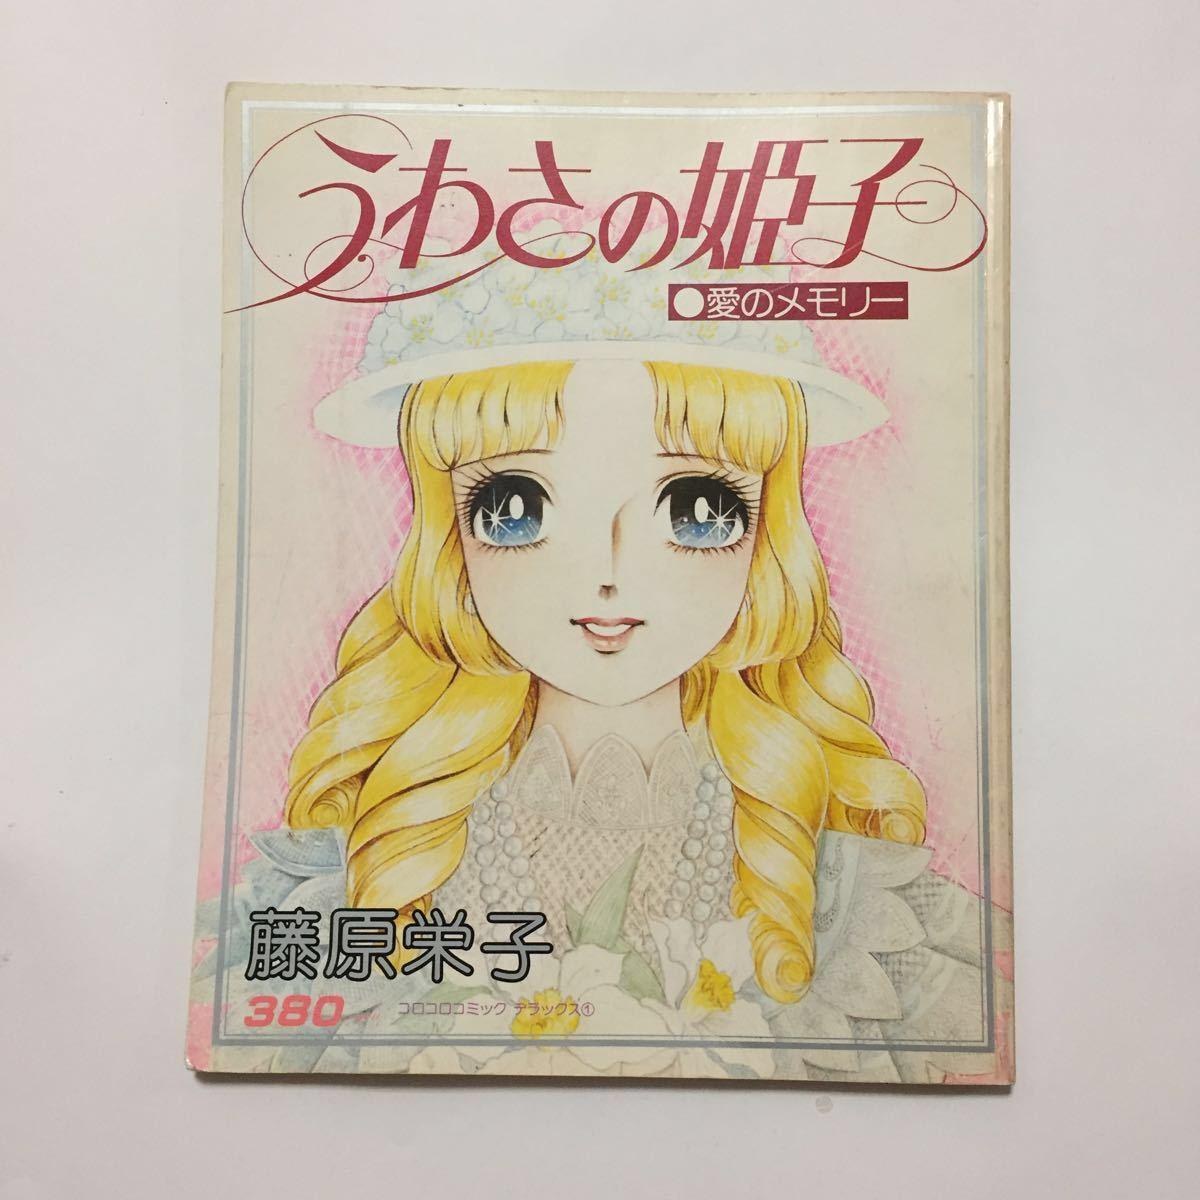 初版 うわさの姫子 愛のメモリー イラスト集 藤原栄子_画像1